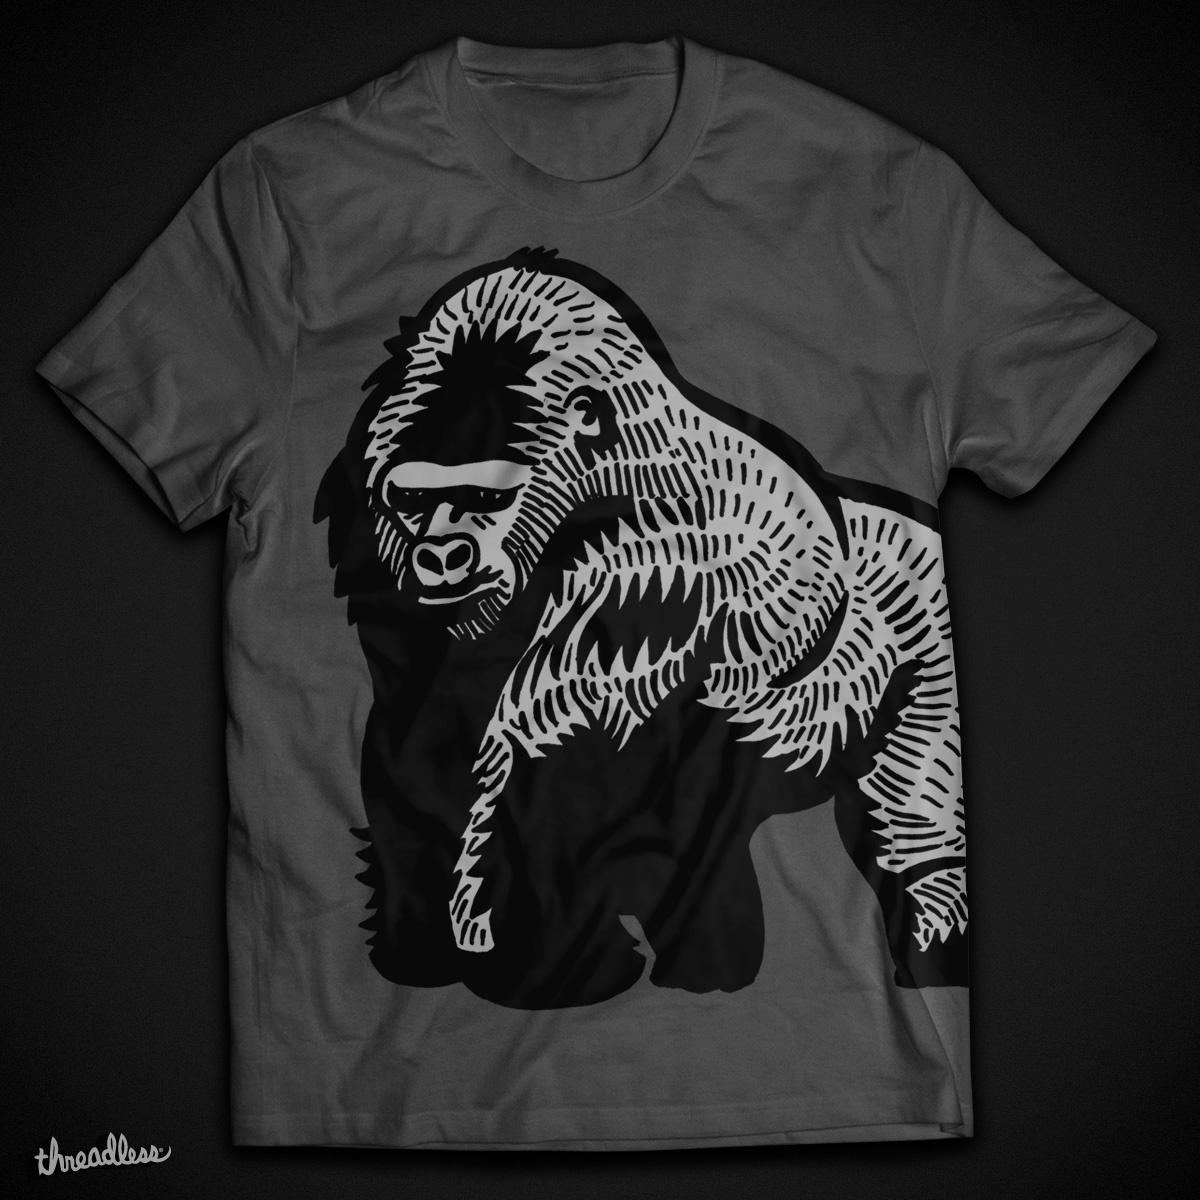 Gorilla by Hipopotam on Threadless